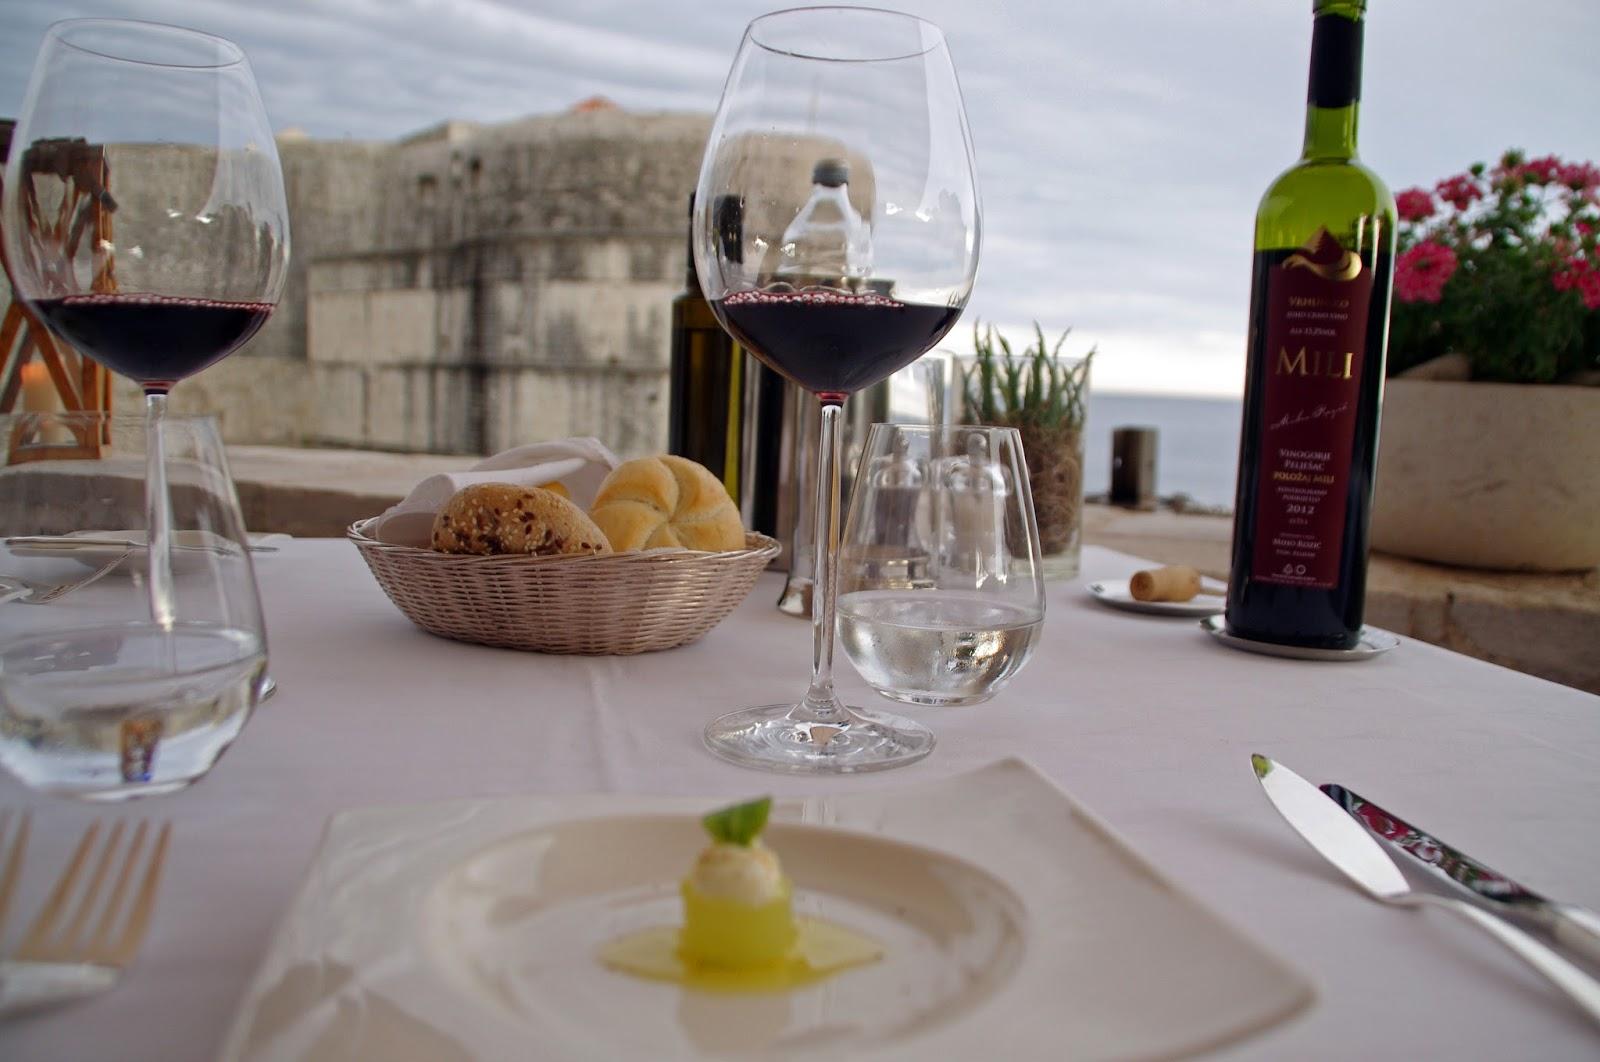 Appetiser and breads Nautika Restaurant Dubrovnik